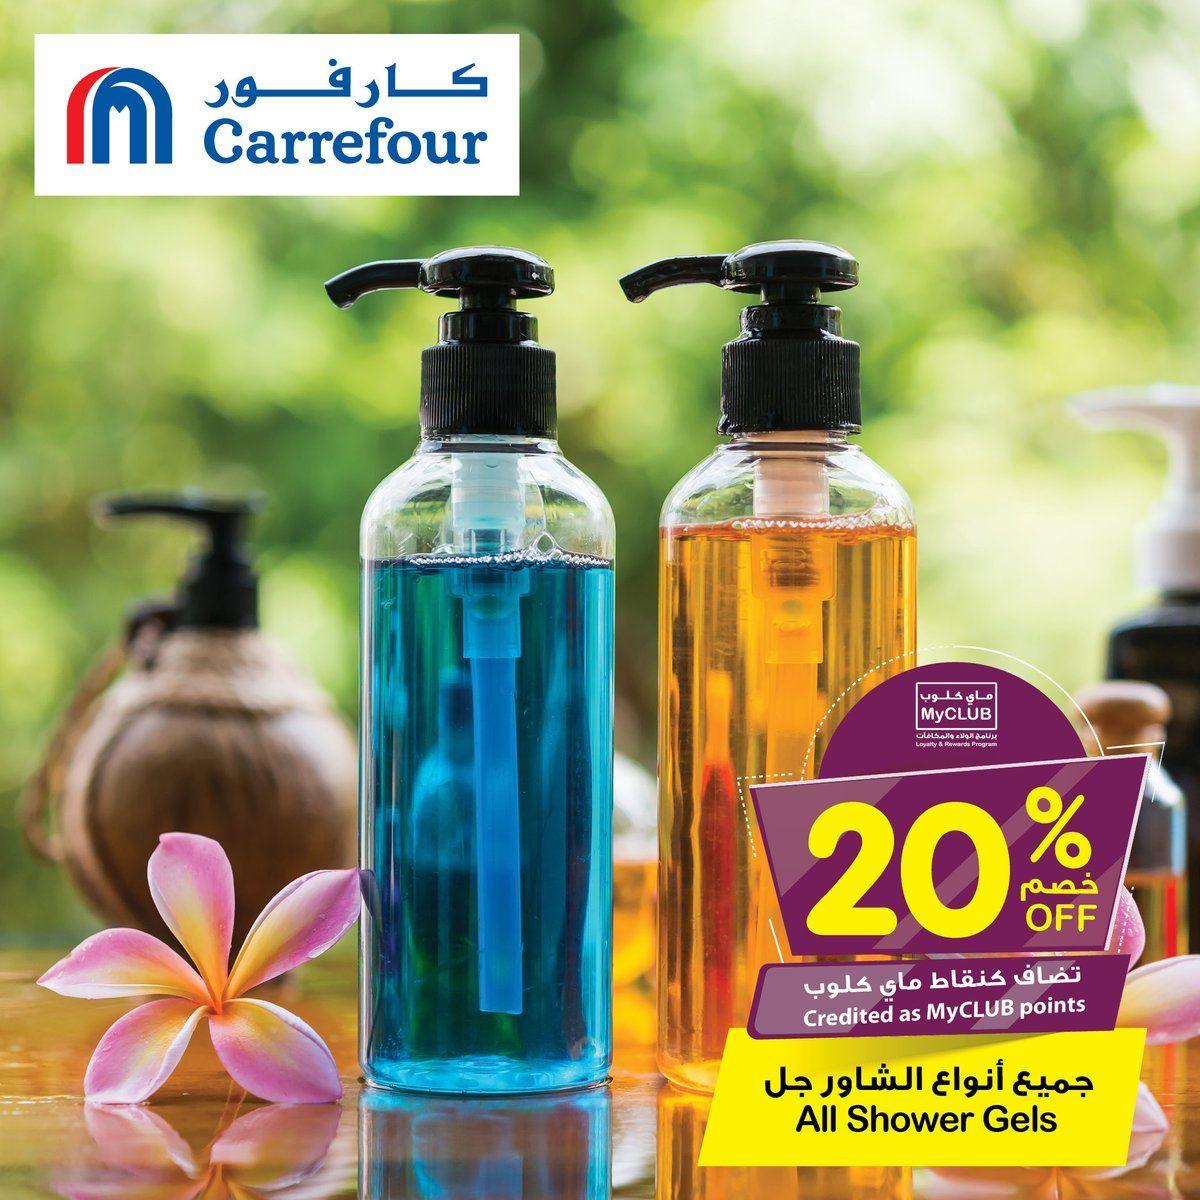 وف ر ٢٠ على جميع أنواع جل الاستحمام يضاف الخصم كنقاط ماي كلوب بين ٩ و١٥ ربيع الأول عروض كارفور السعودية Ios A Shower Gel Hand Soap Bottle Soap Bottle